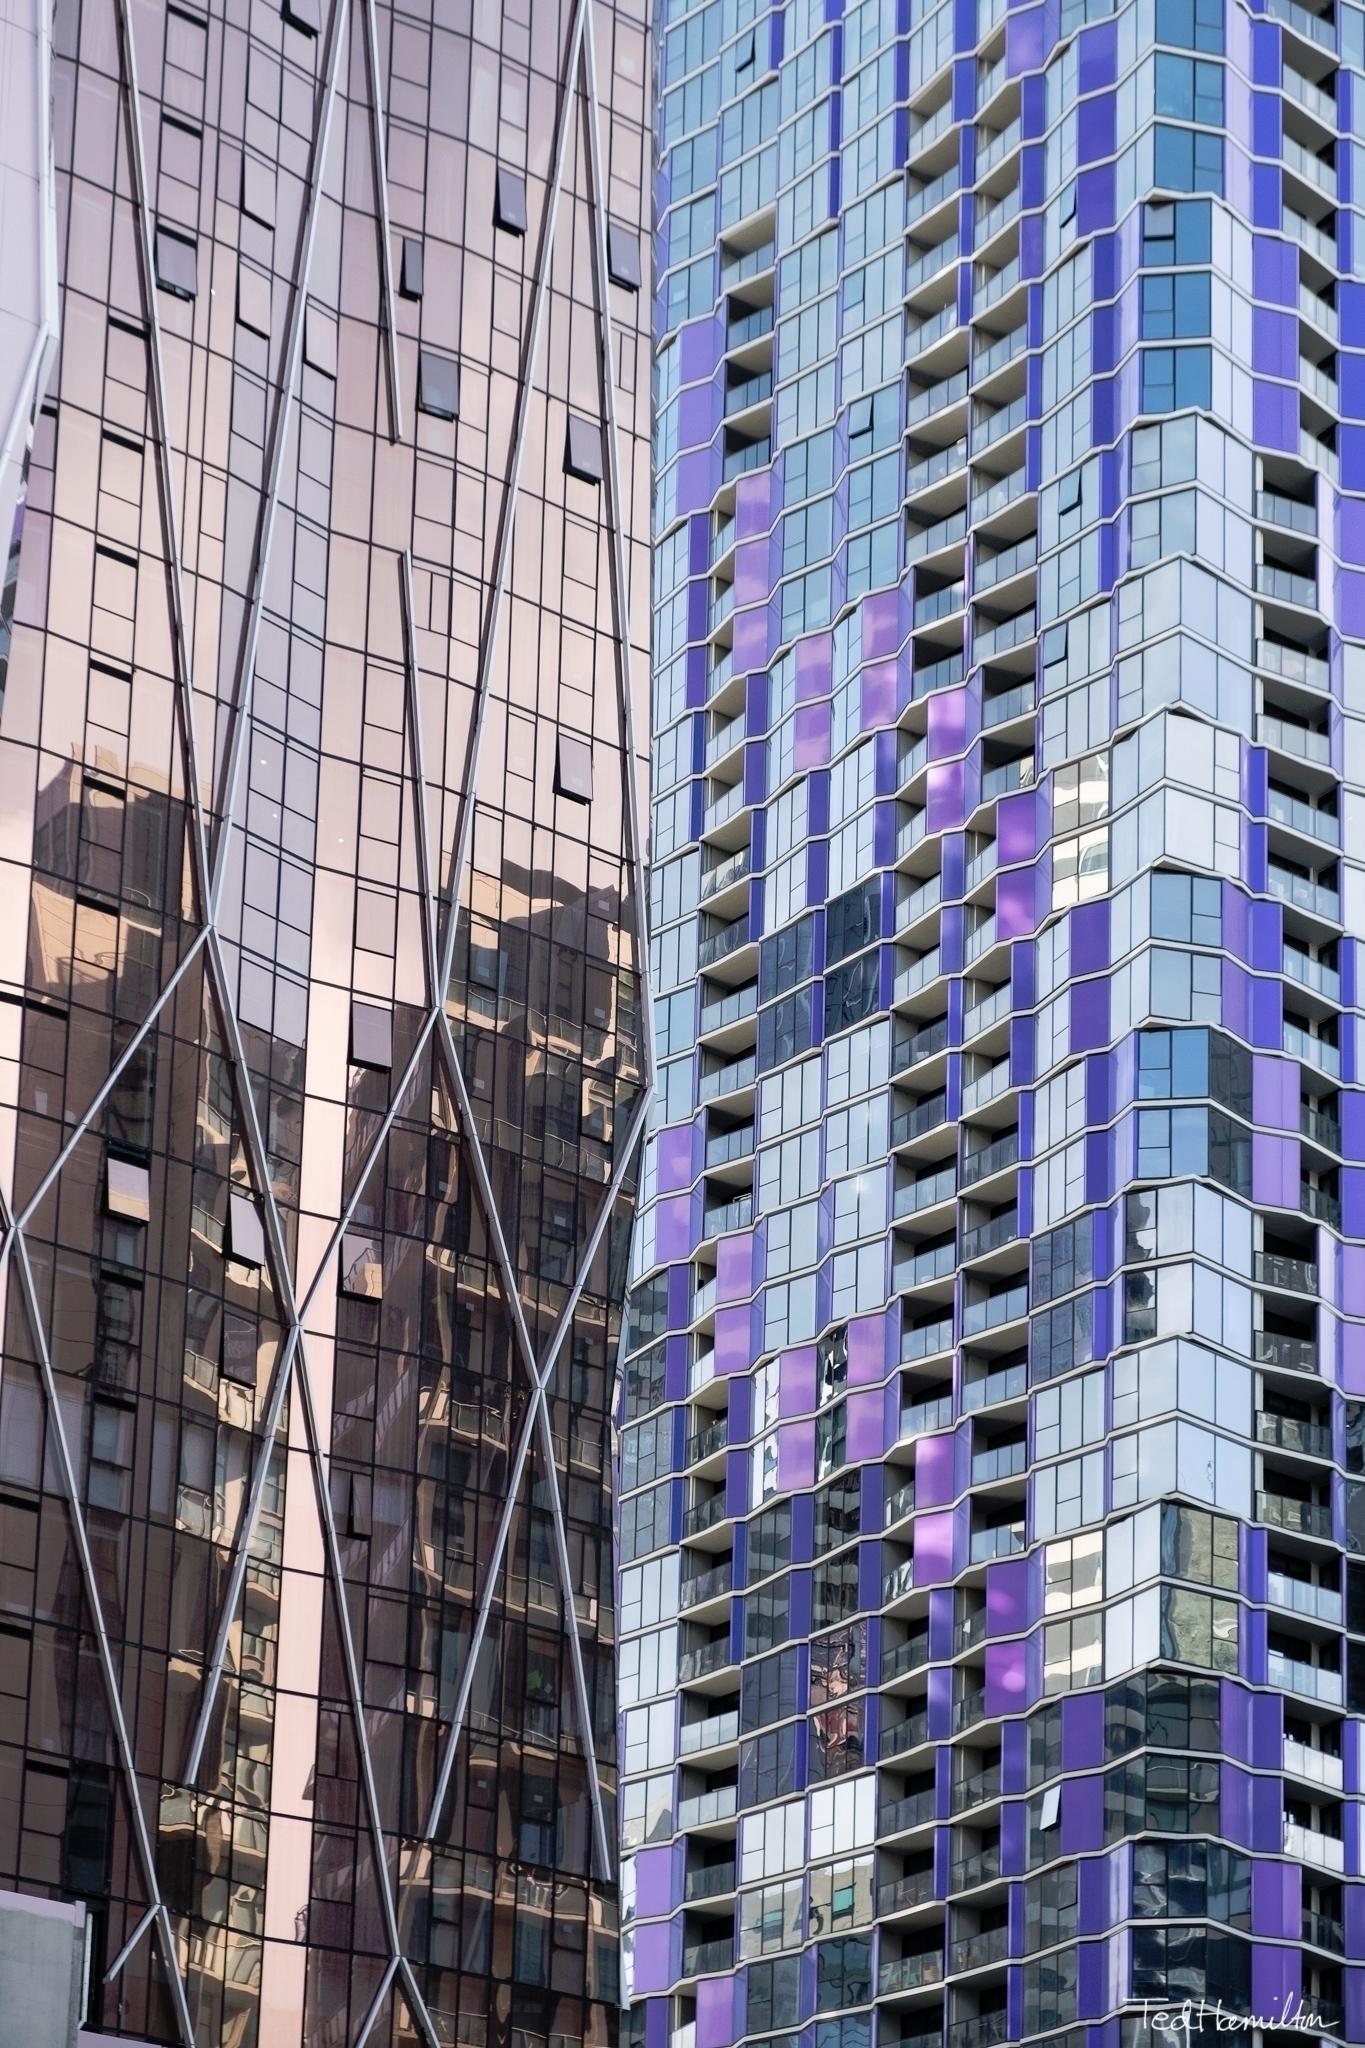 Top Melbourne CBD - architecture - tedhamilton | ello